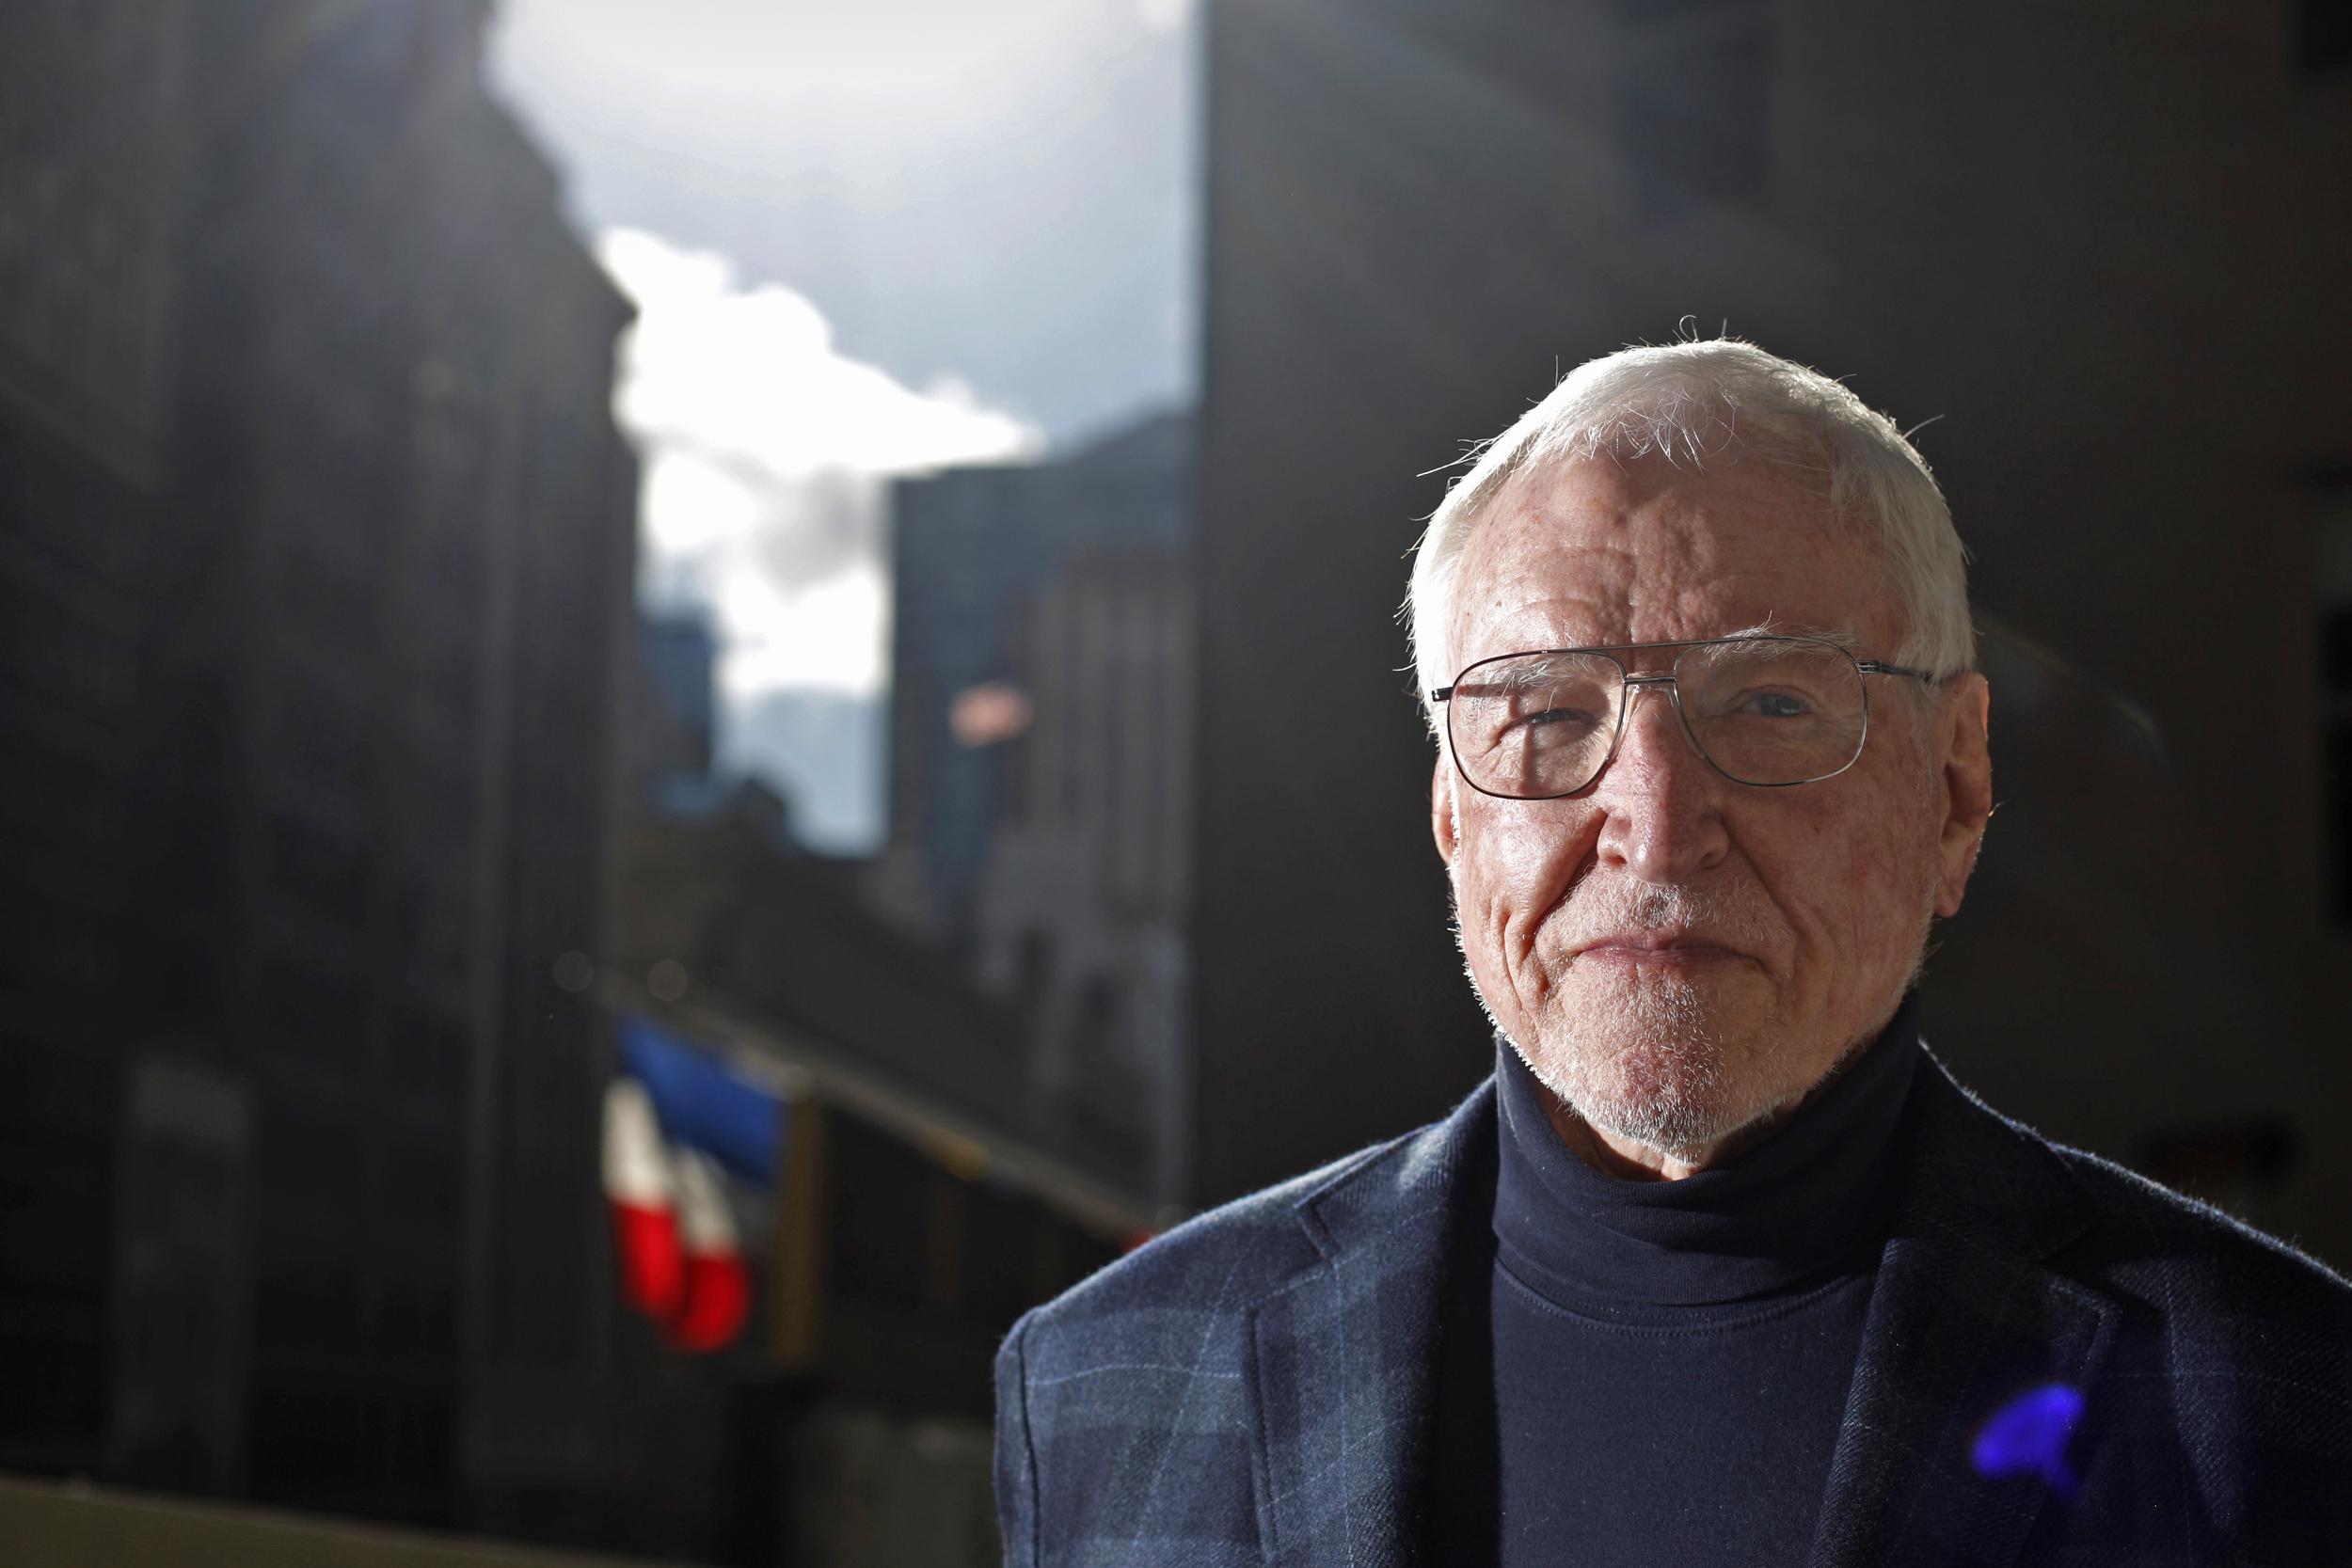 James Hormel, first openly gay U.S. ambassador, dies at 88